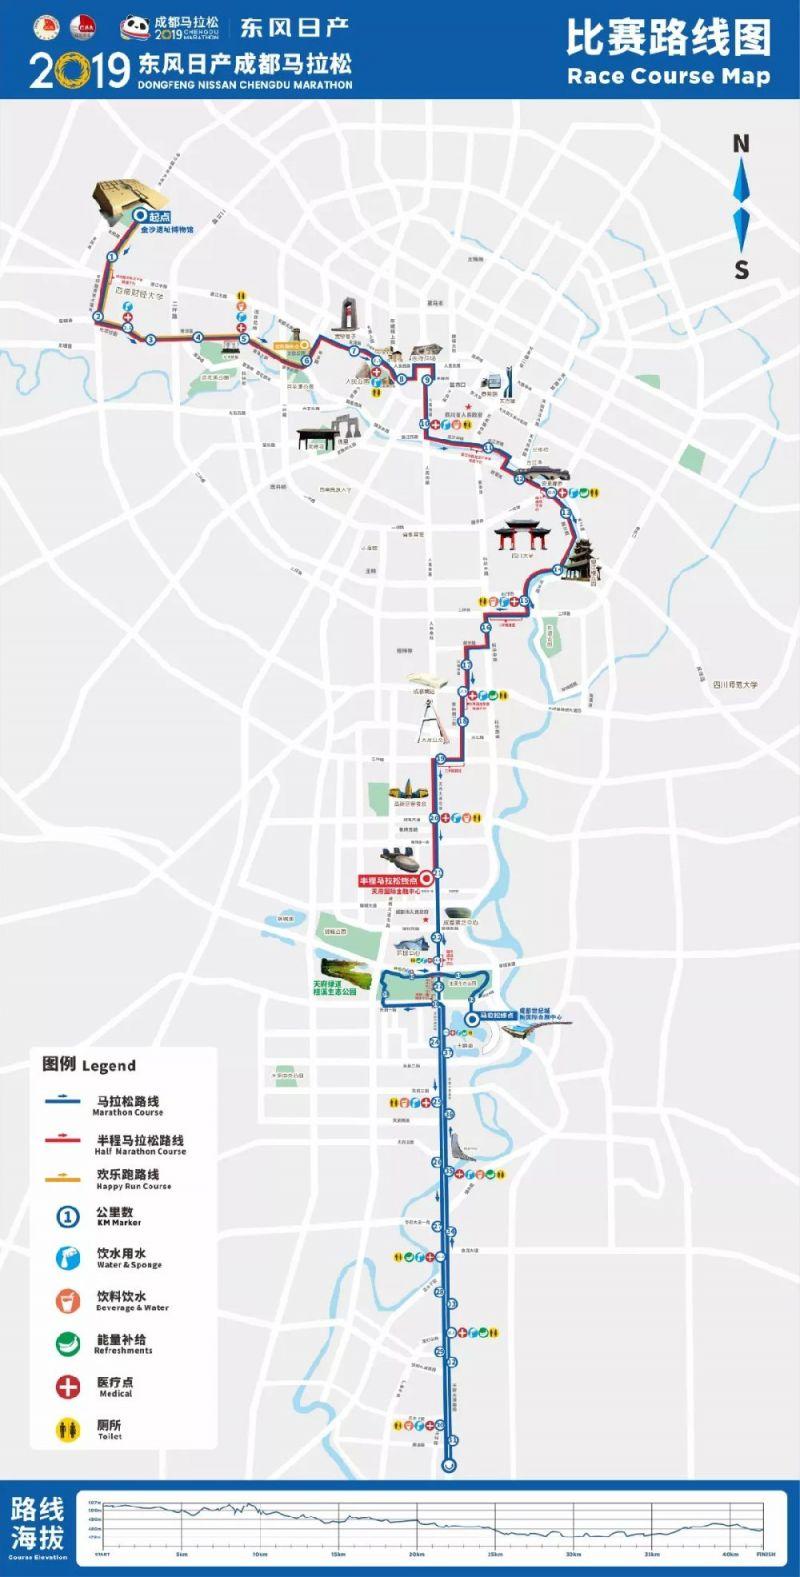 2019成都国际马拉松欢乐跑的起点和终点是哪里?